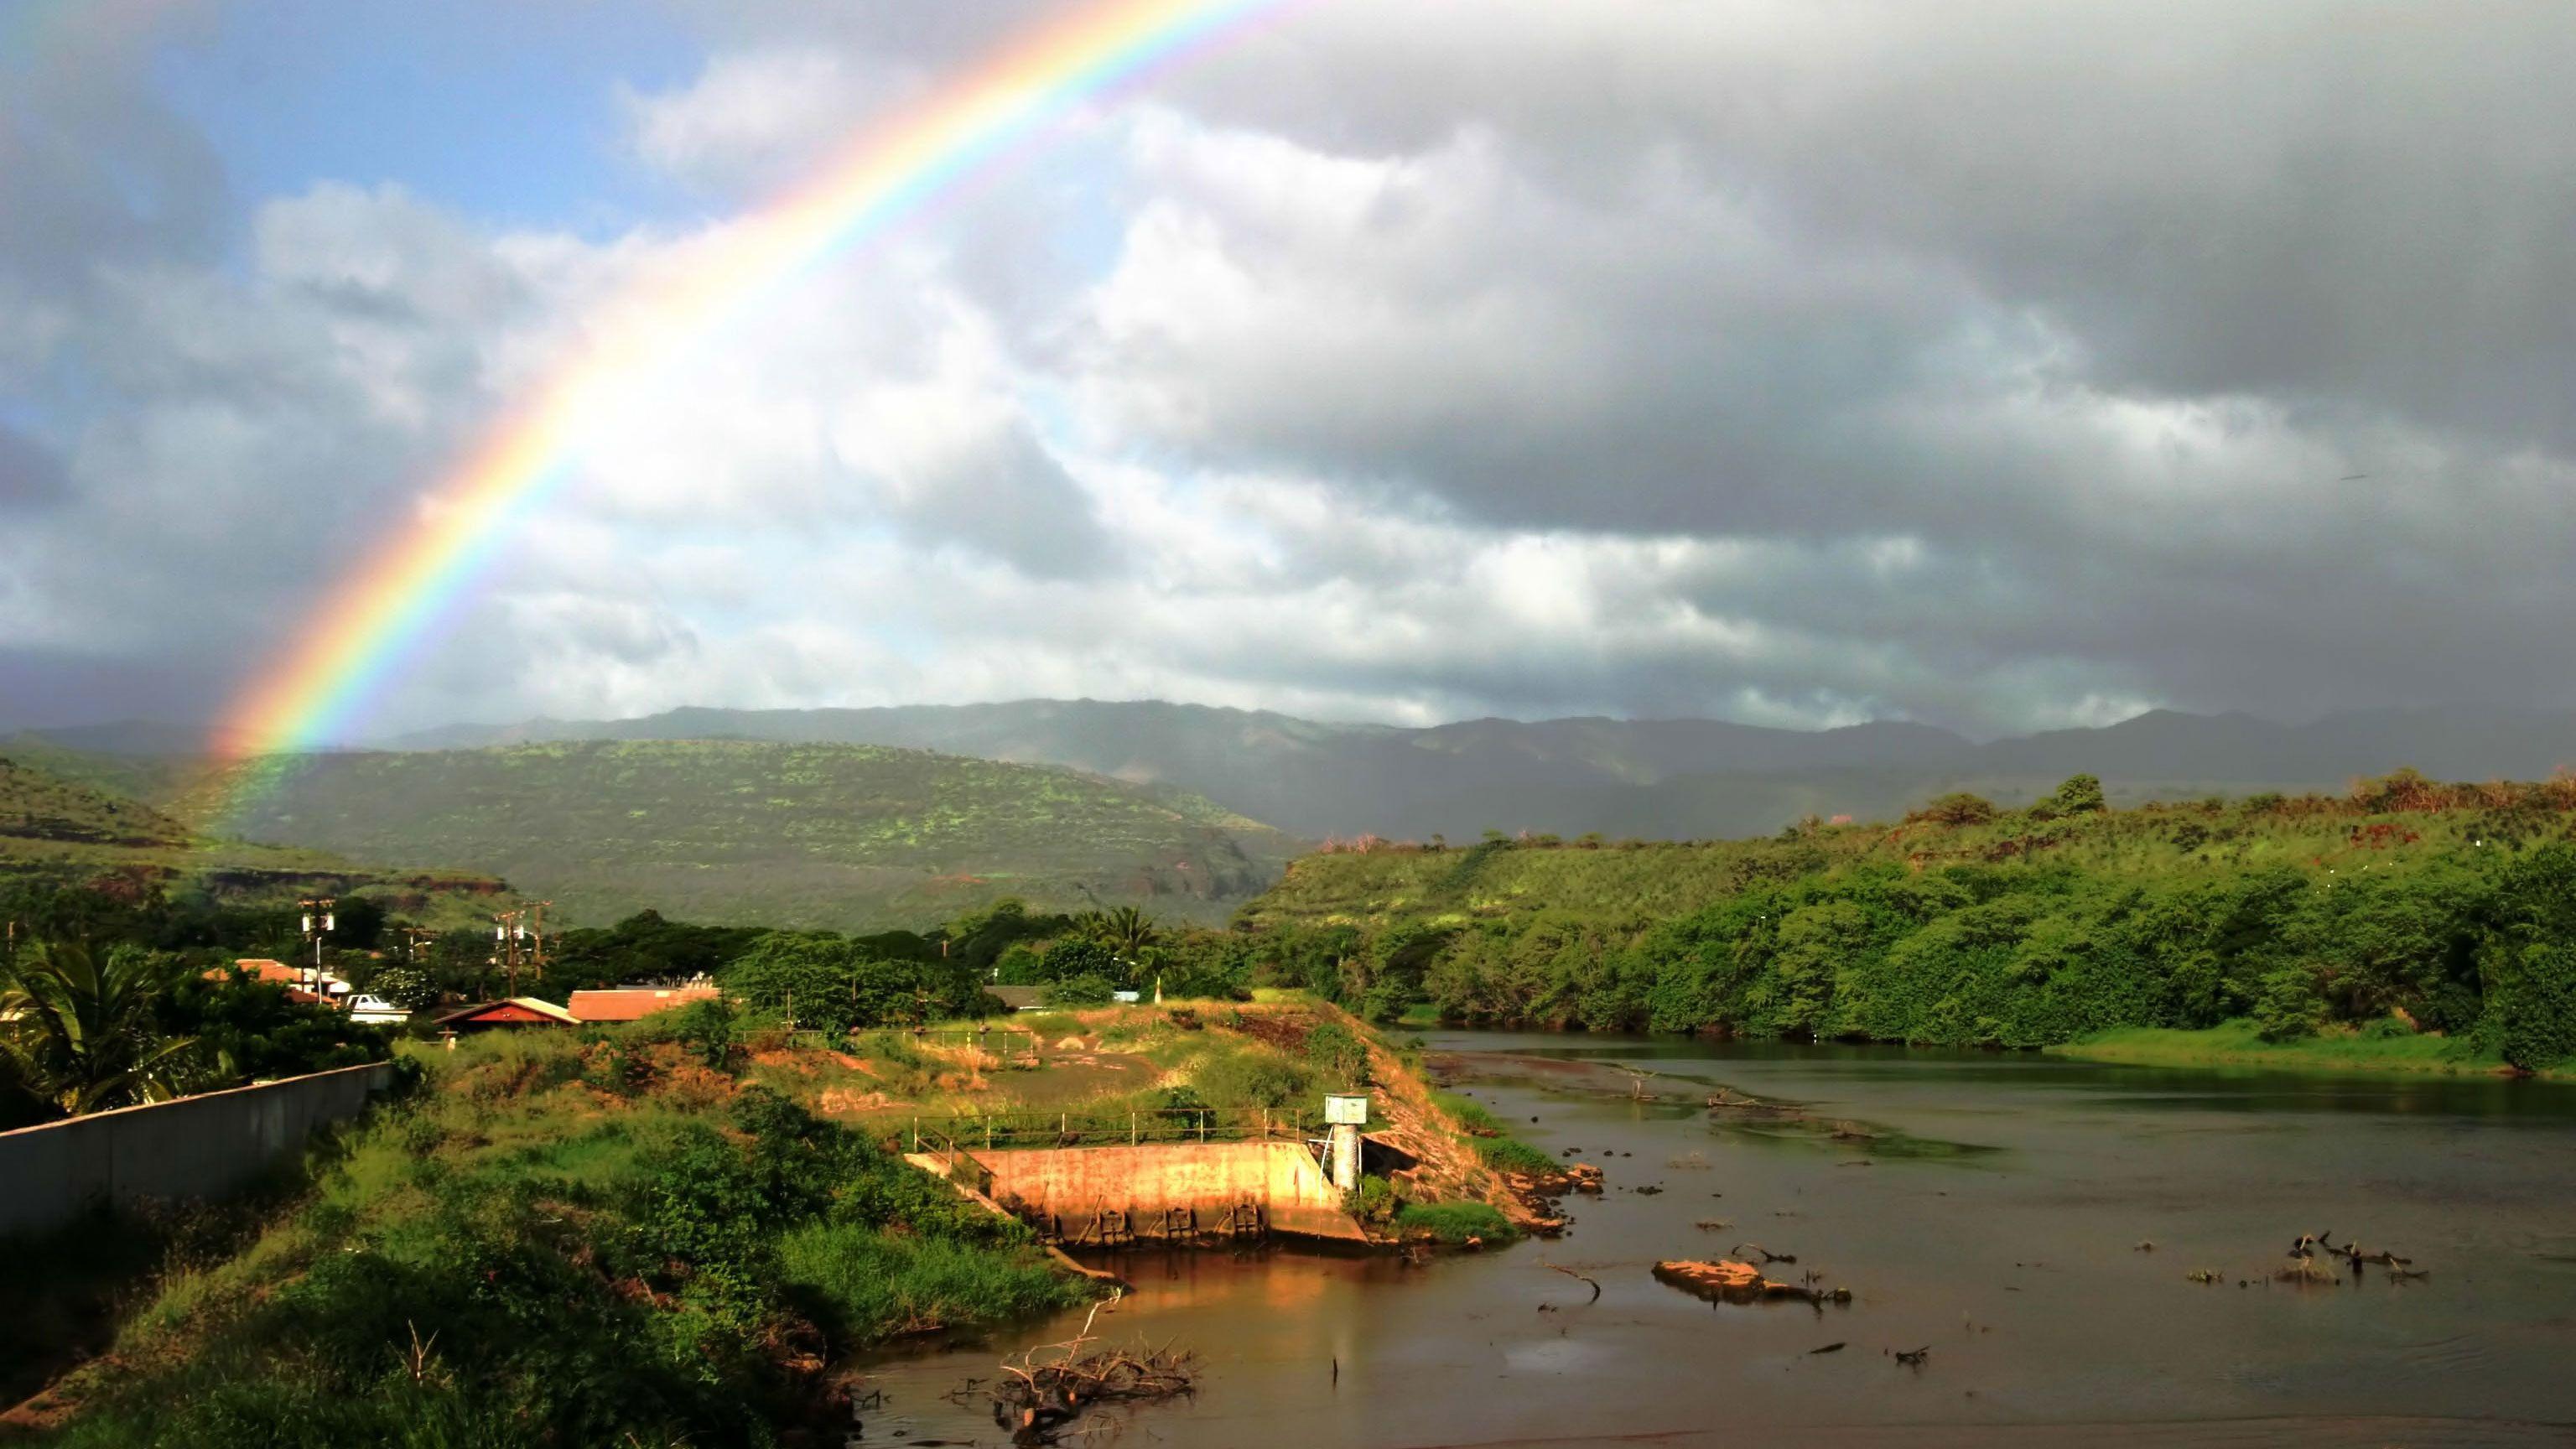 rainbow over Waimea Canyon in Kauai